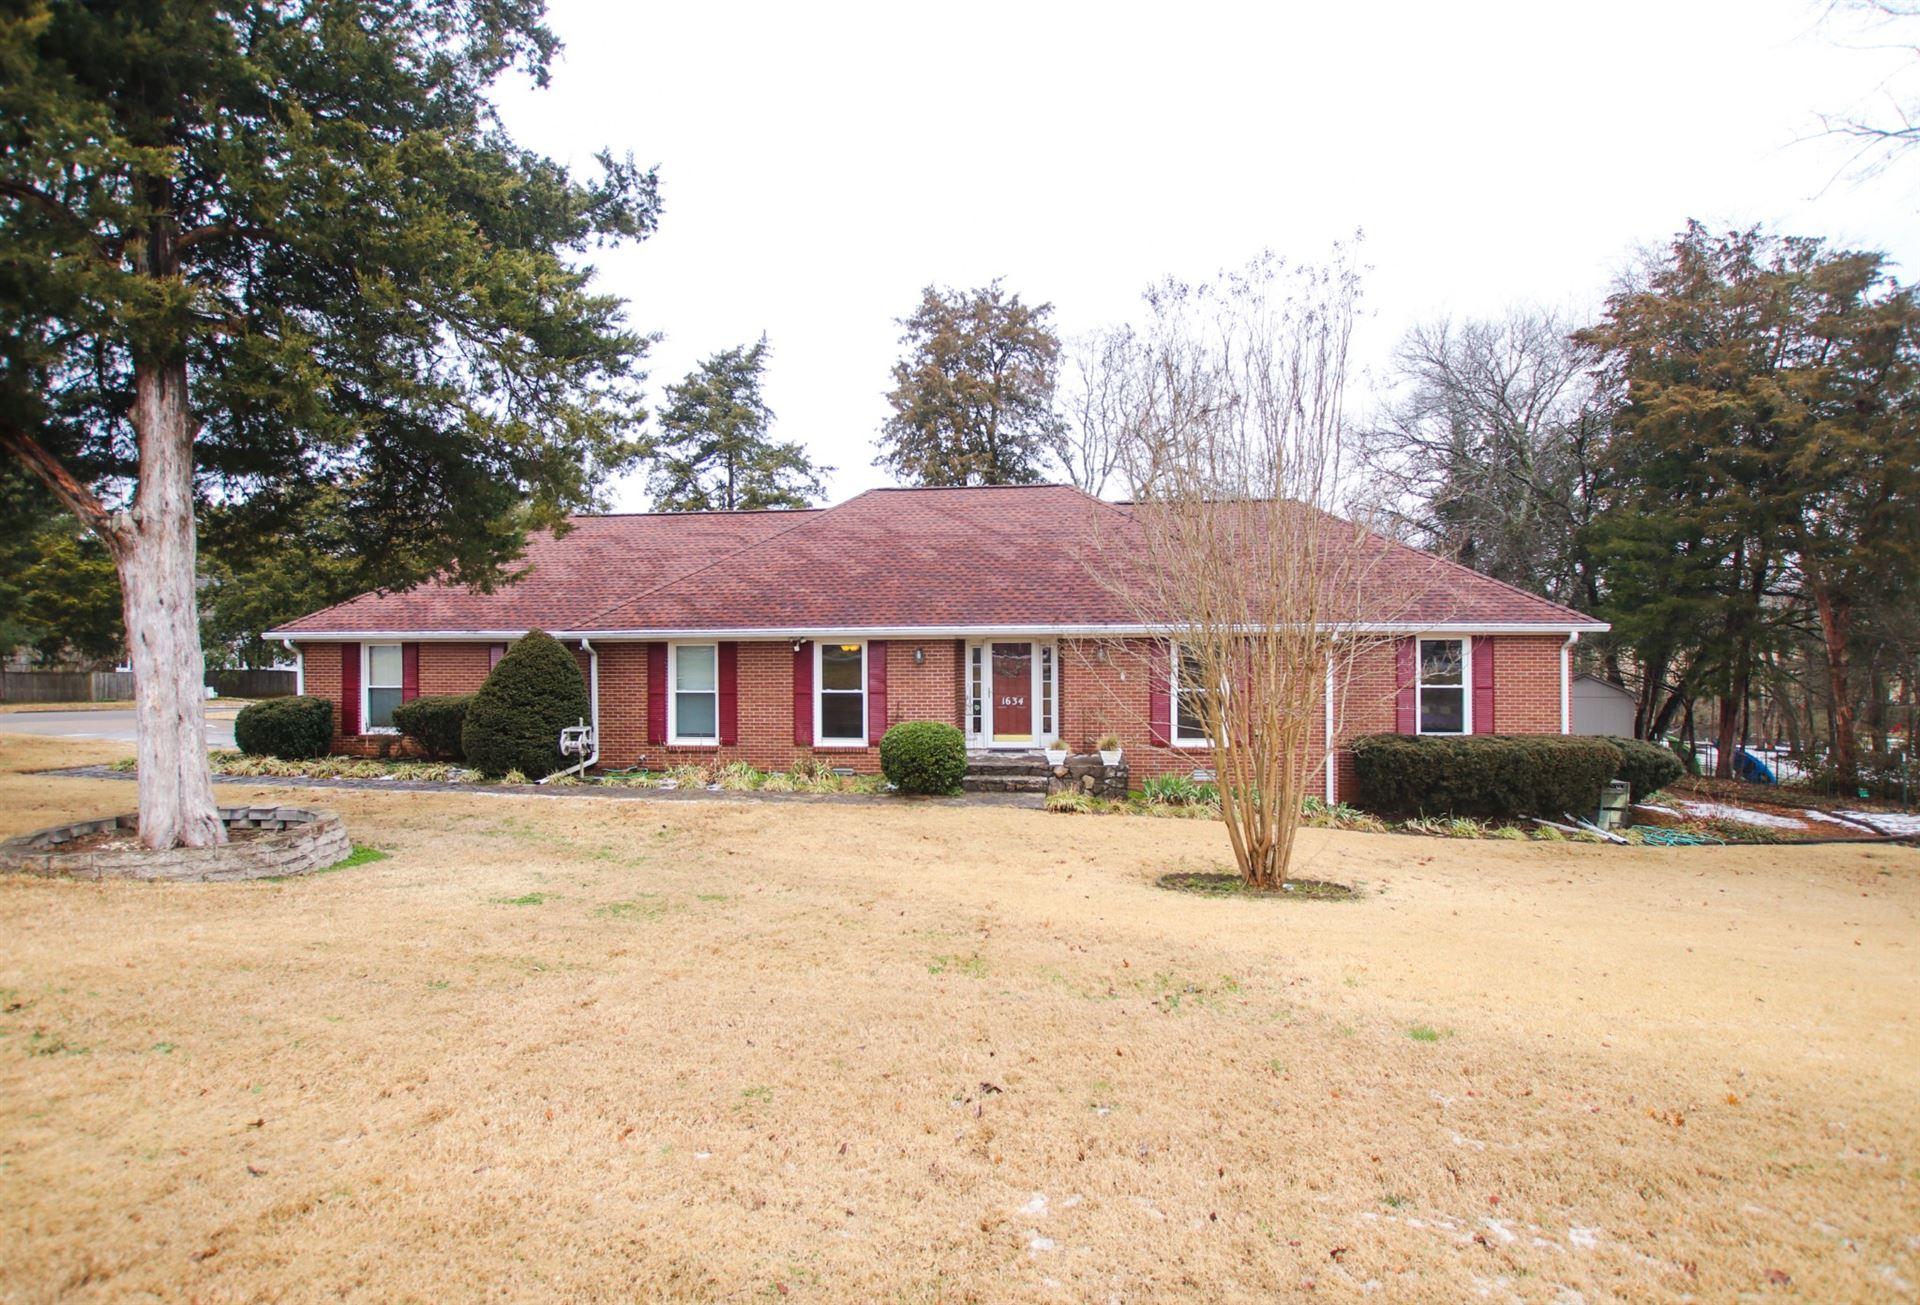 Photo of 1634 Haynes Dr, Murfreesboro, TN 37129 (MLS # 2230538)